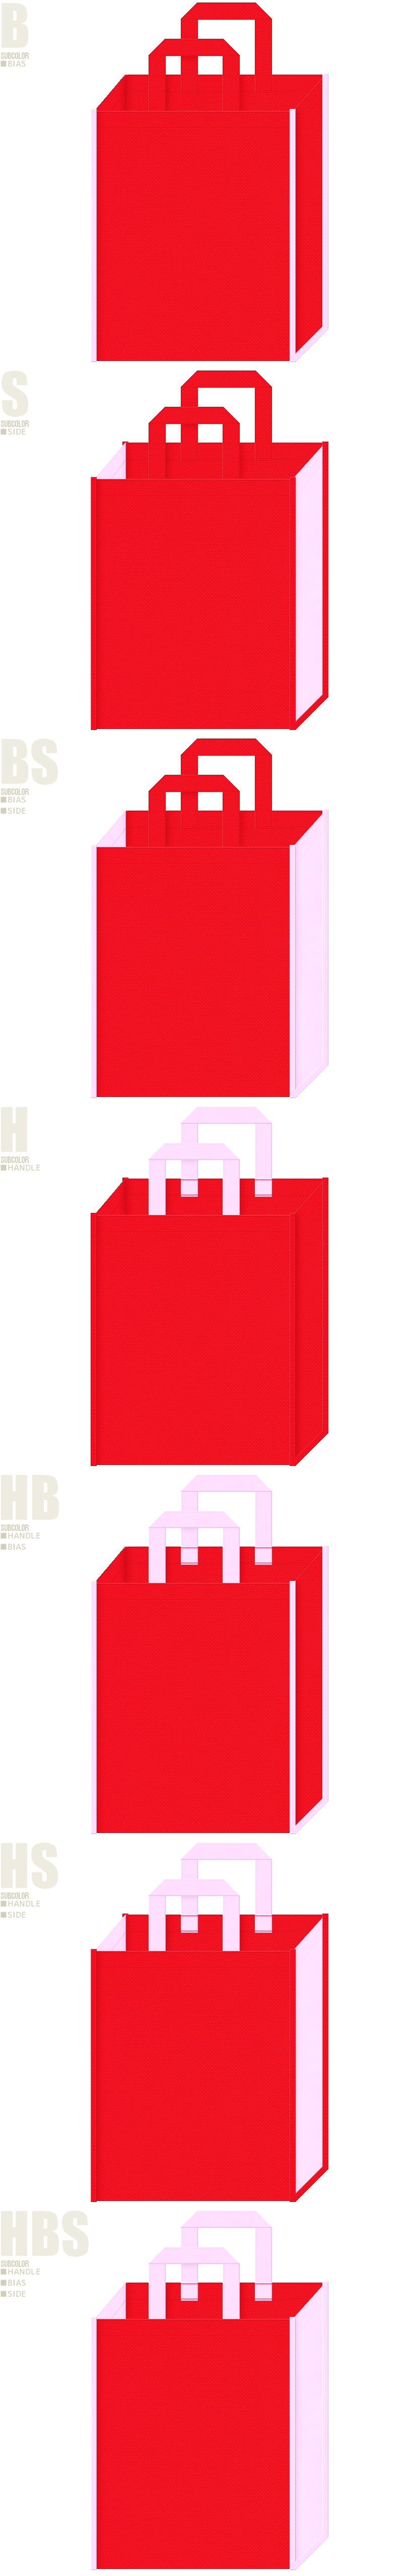 バレンタインデー・ひな祭り・カーネーション・母の日のイメージにお奨めの不織布バッグデザイン:赤色と明るいピンク色の配色7パターン